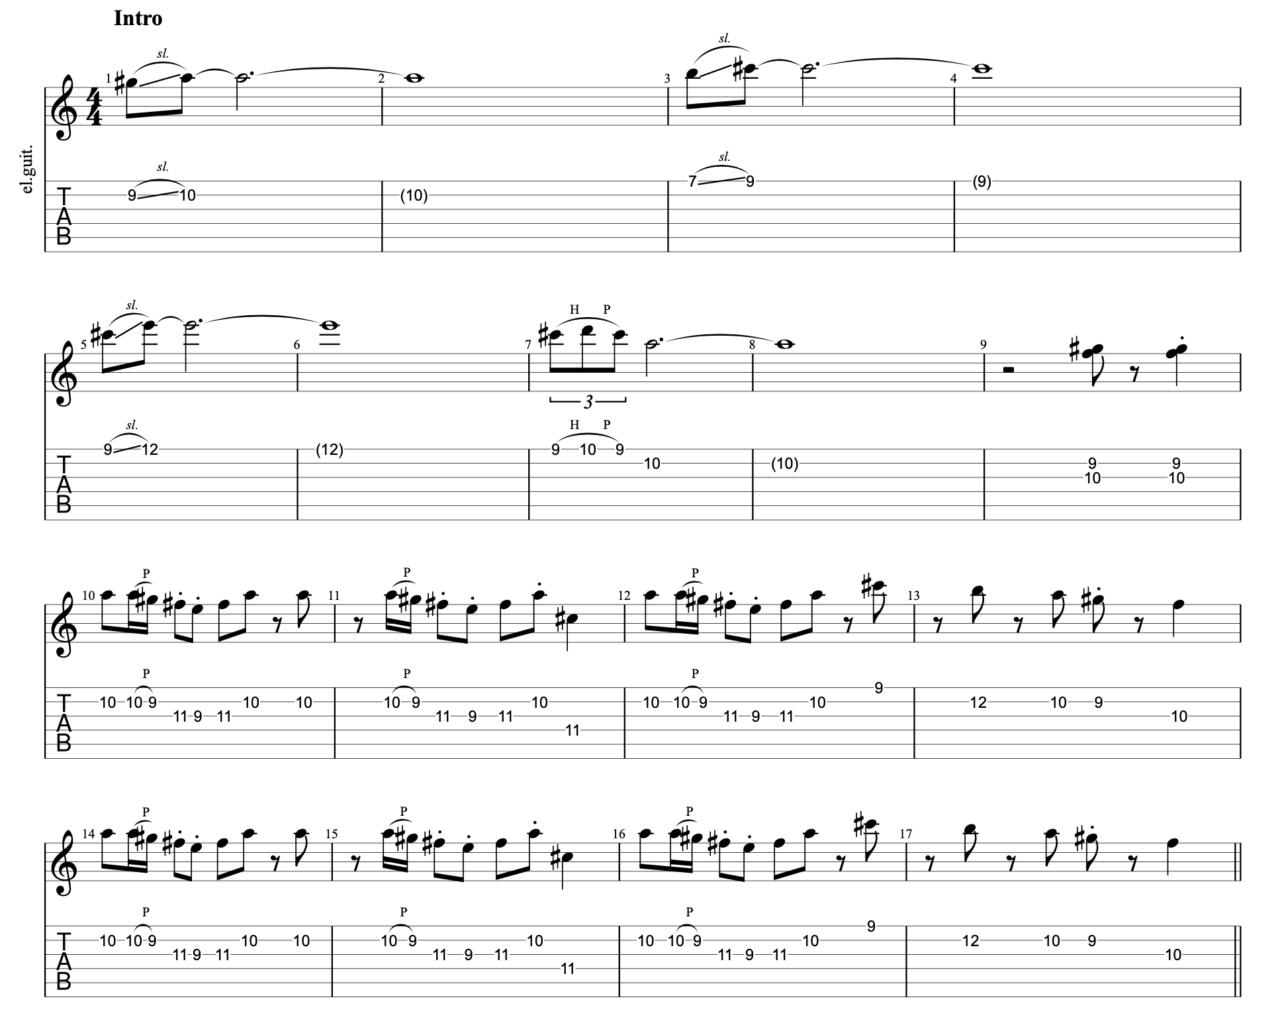 明くる日の忘却|beco(騒音のない世界)のギターフレーズ解説!【楽譜(tab譜)付】 イントロ